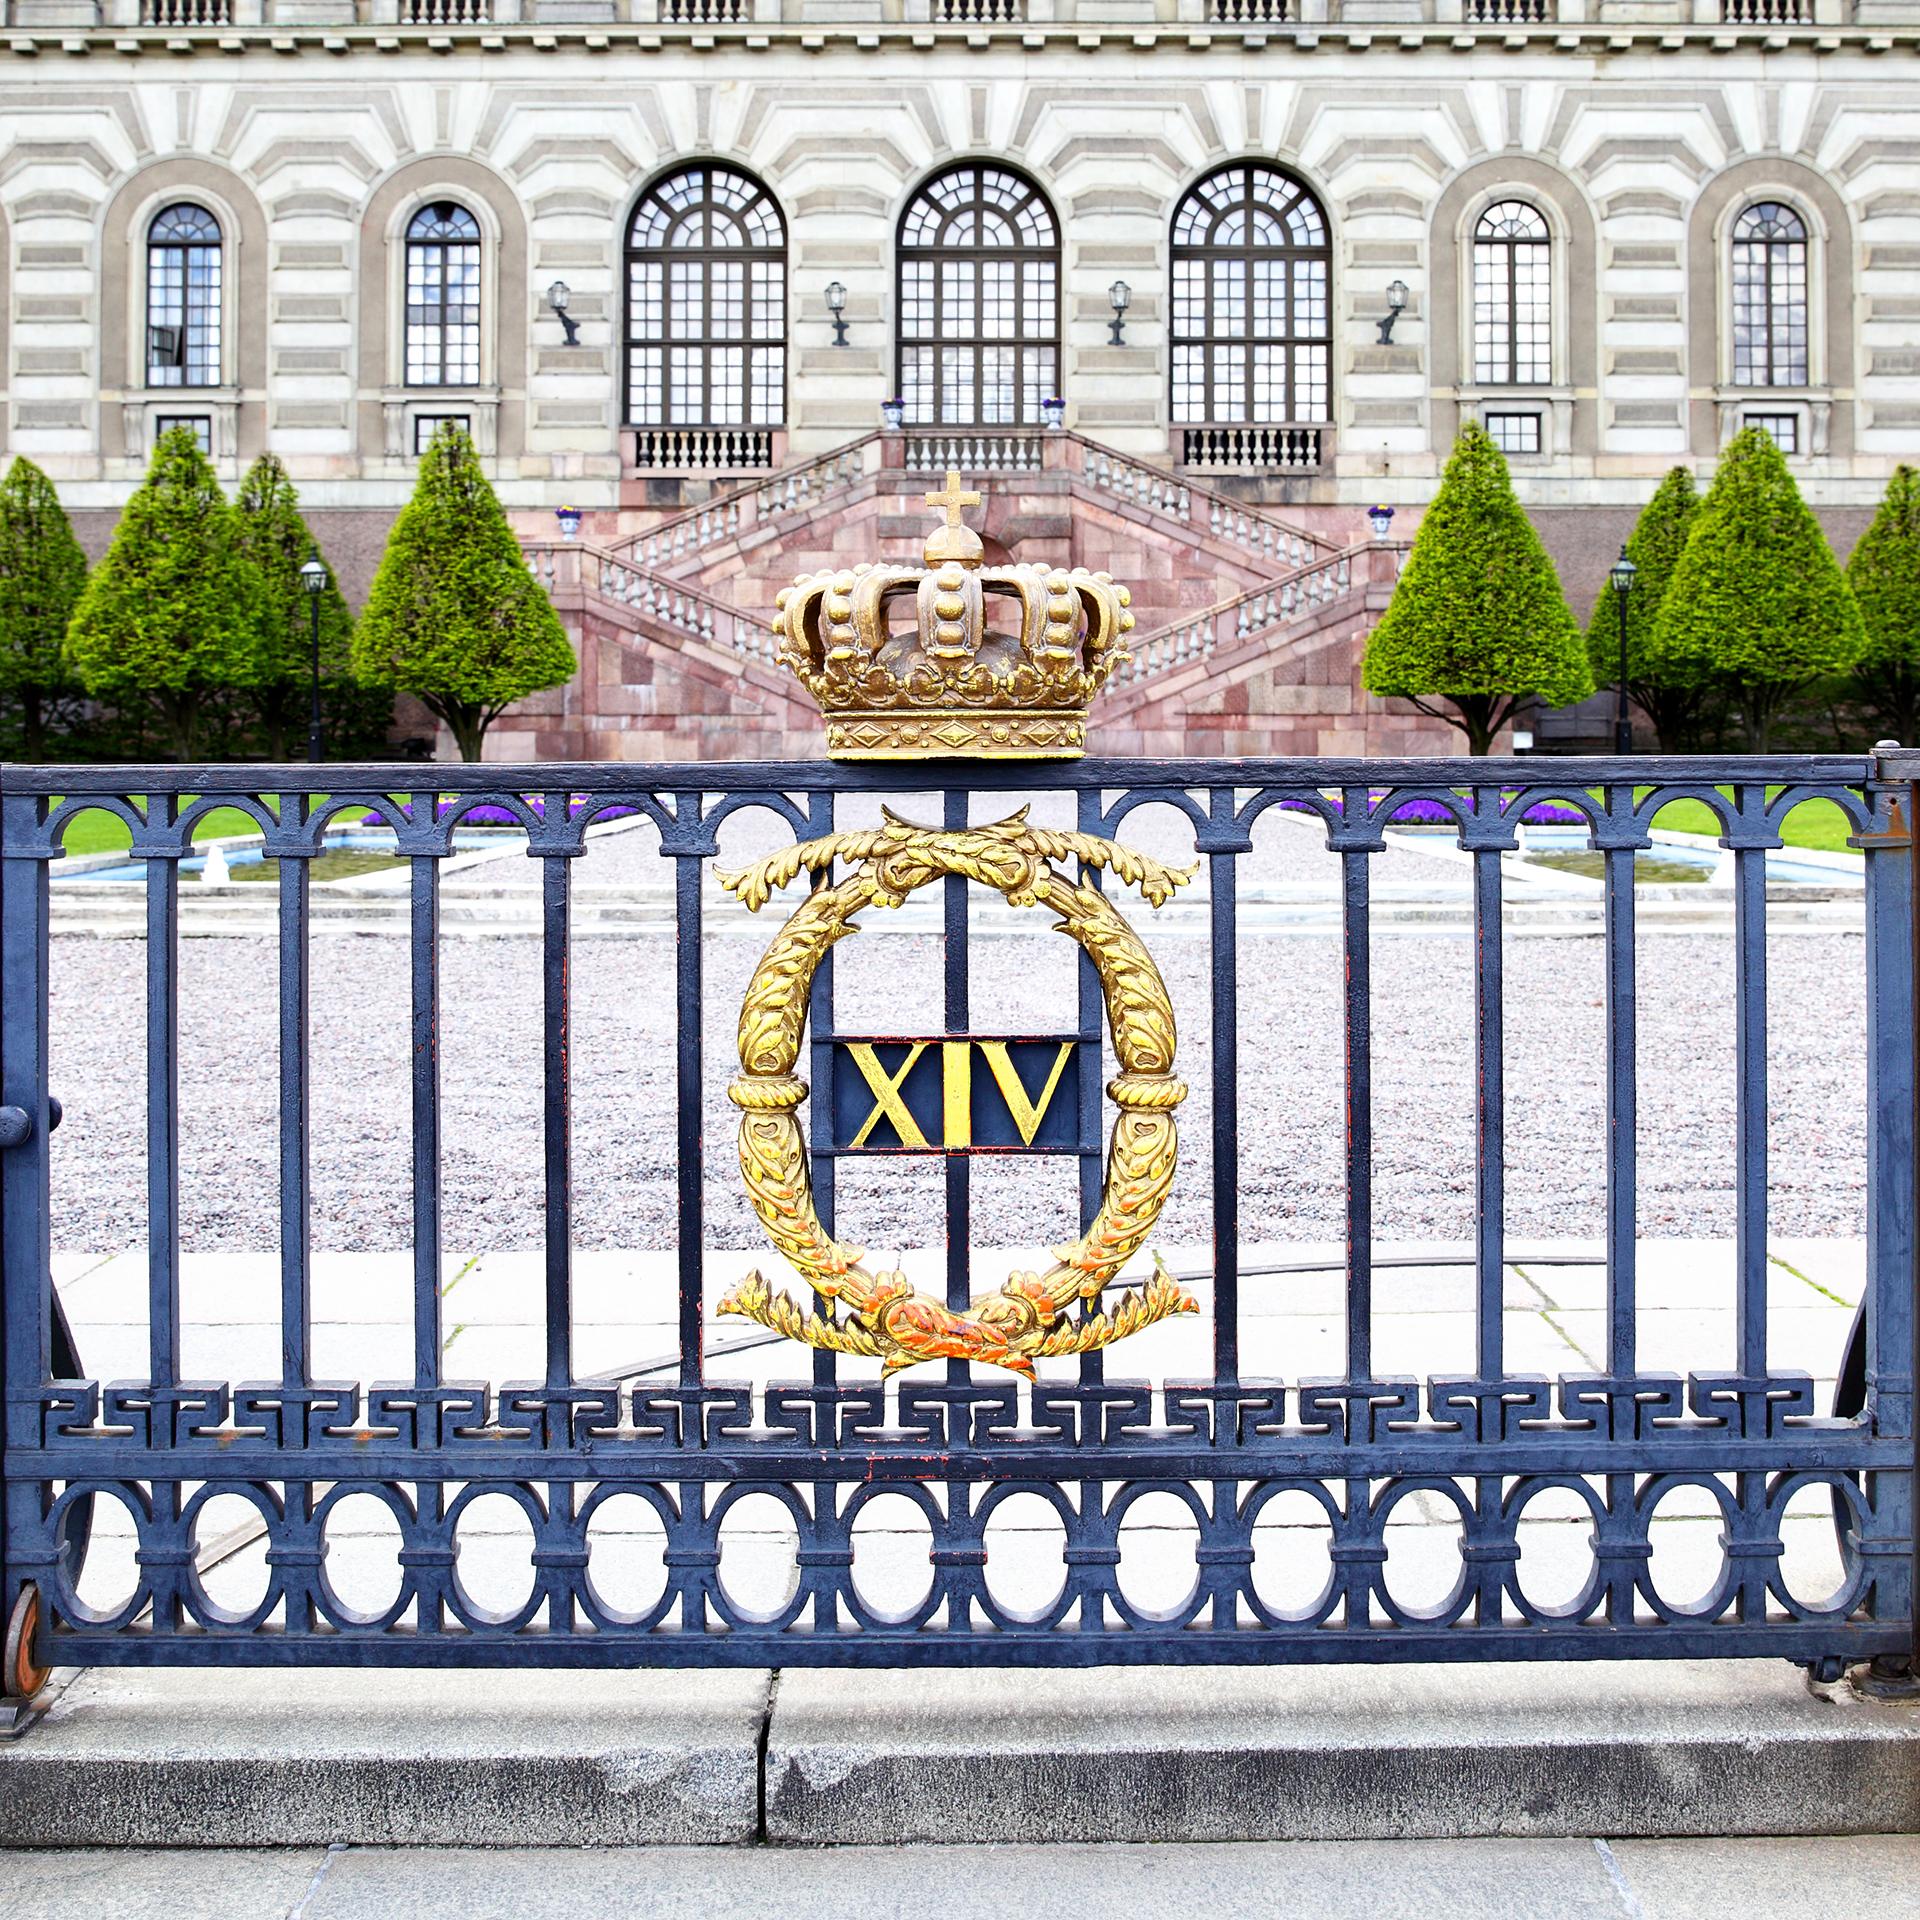 El palacio de Estocolmo es la residencia oficial y el mayor de los palacios de la monarquía sueca. Aunque la residencia privada de la familia real es el palacio de Drottningholm